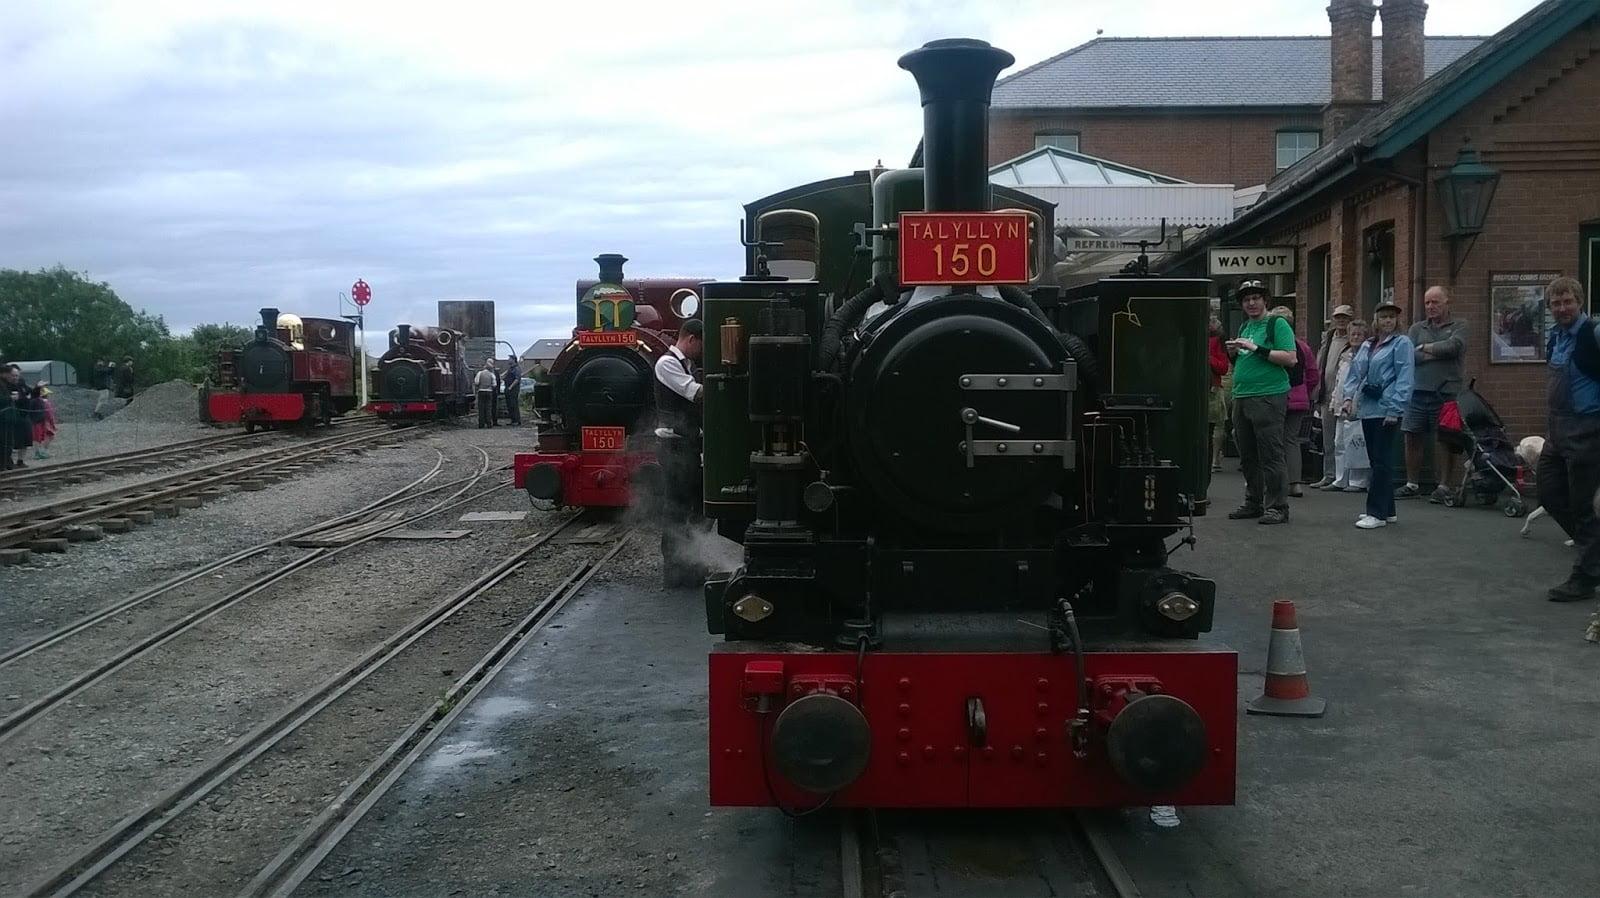 Tom Rolt, Talyllyn, Prince and Russell at Tywyn Wharf on the Talyllyn Railway